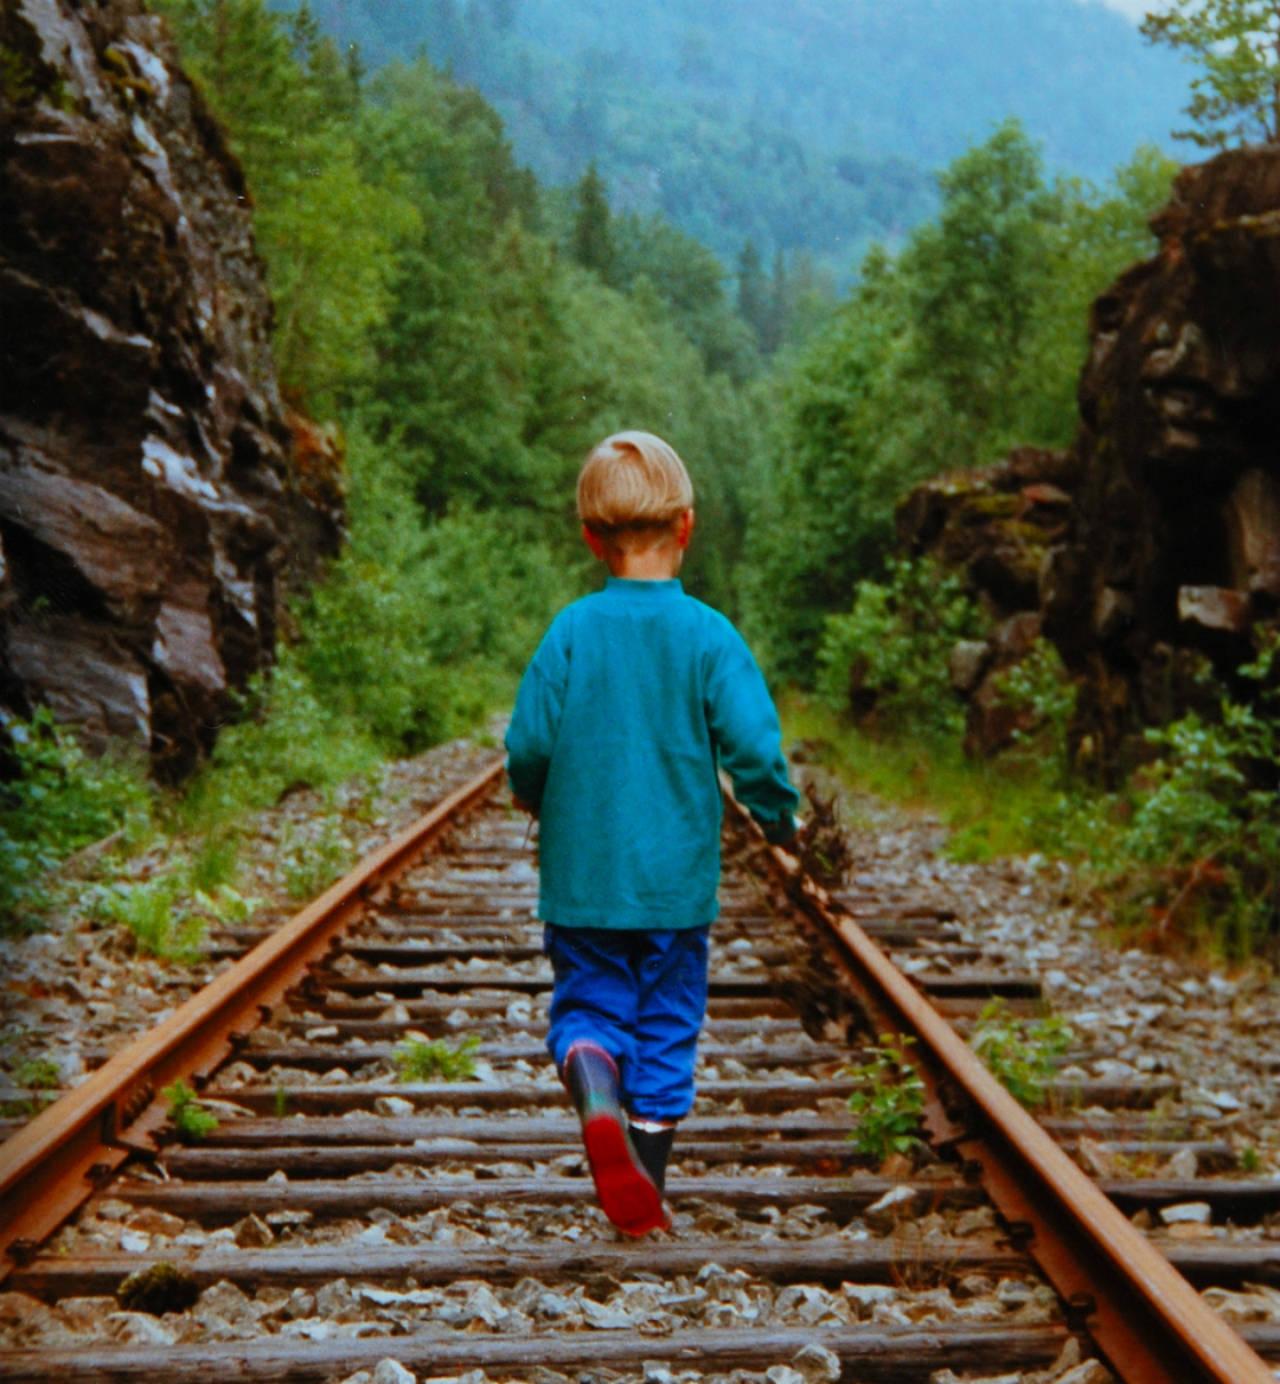 Turer på gjengrodde spor er ikke bare spennende, men også god gjenbruk av nedlagte jernbanetraseer.